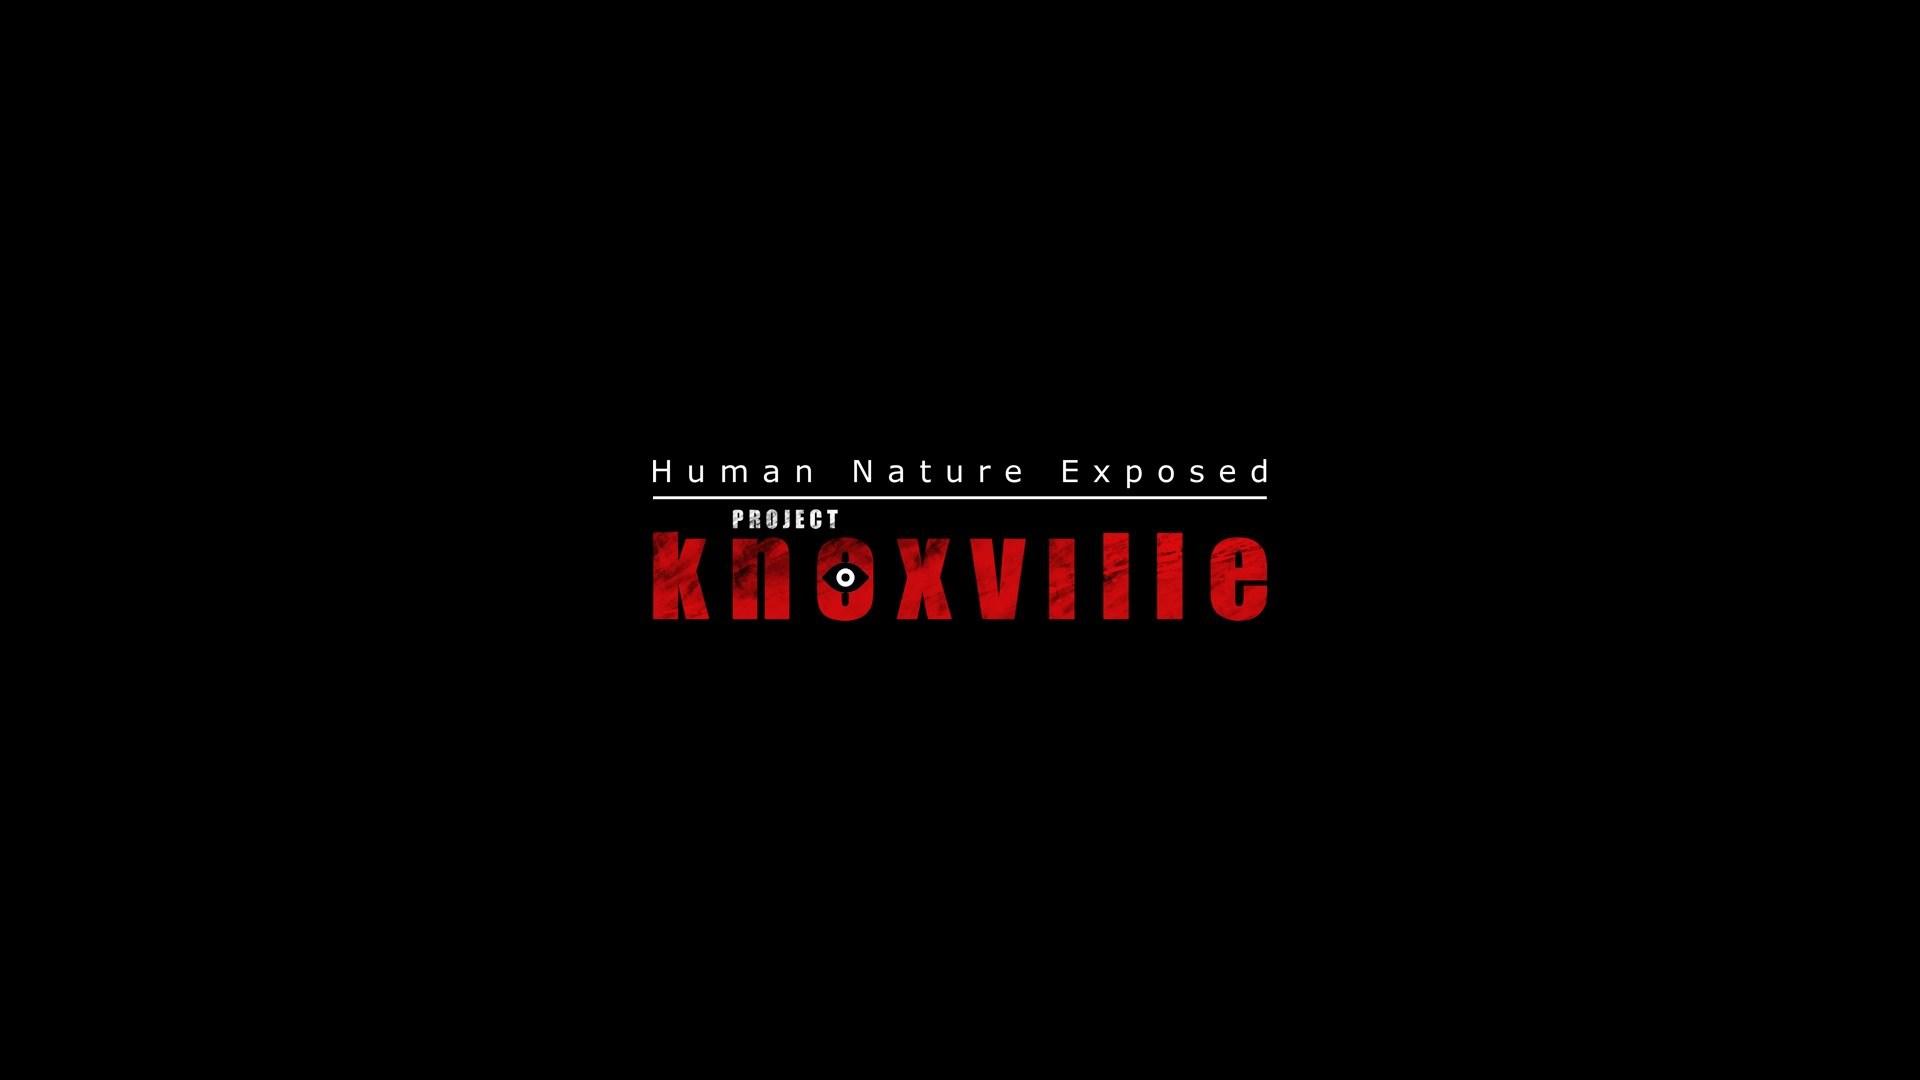 Os fãs escolhem o projeto: Knoxville como o próximo projeto da Press Play